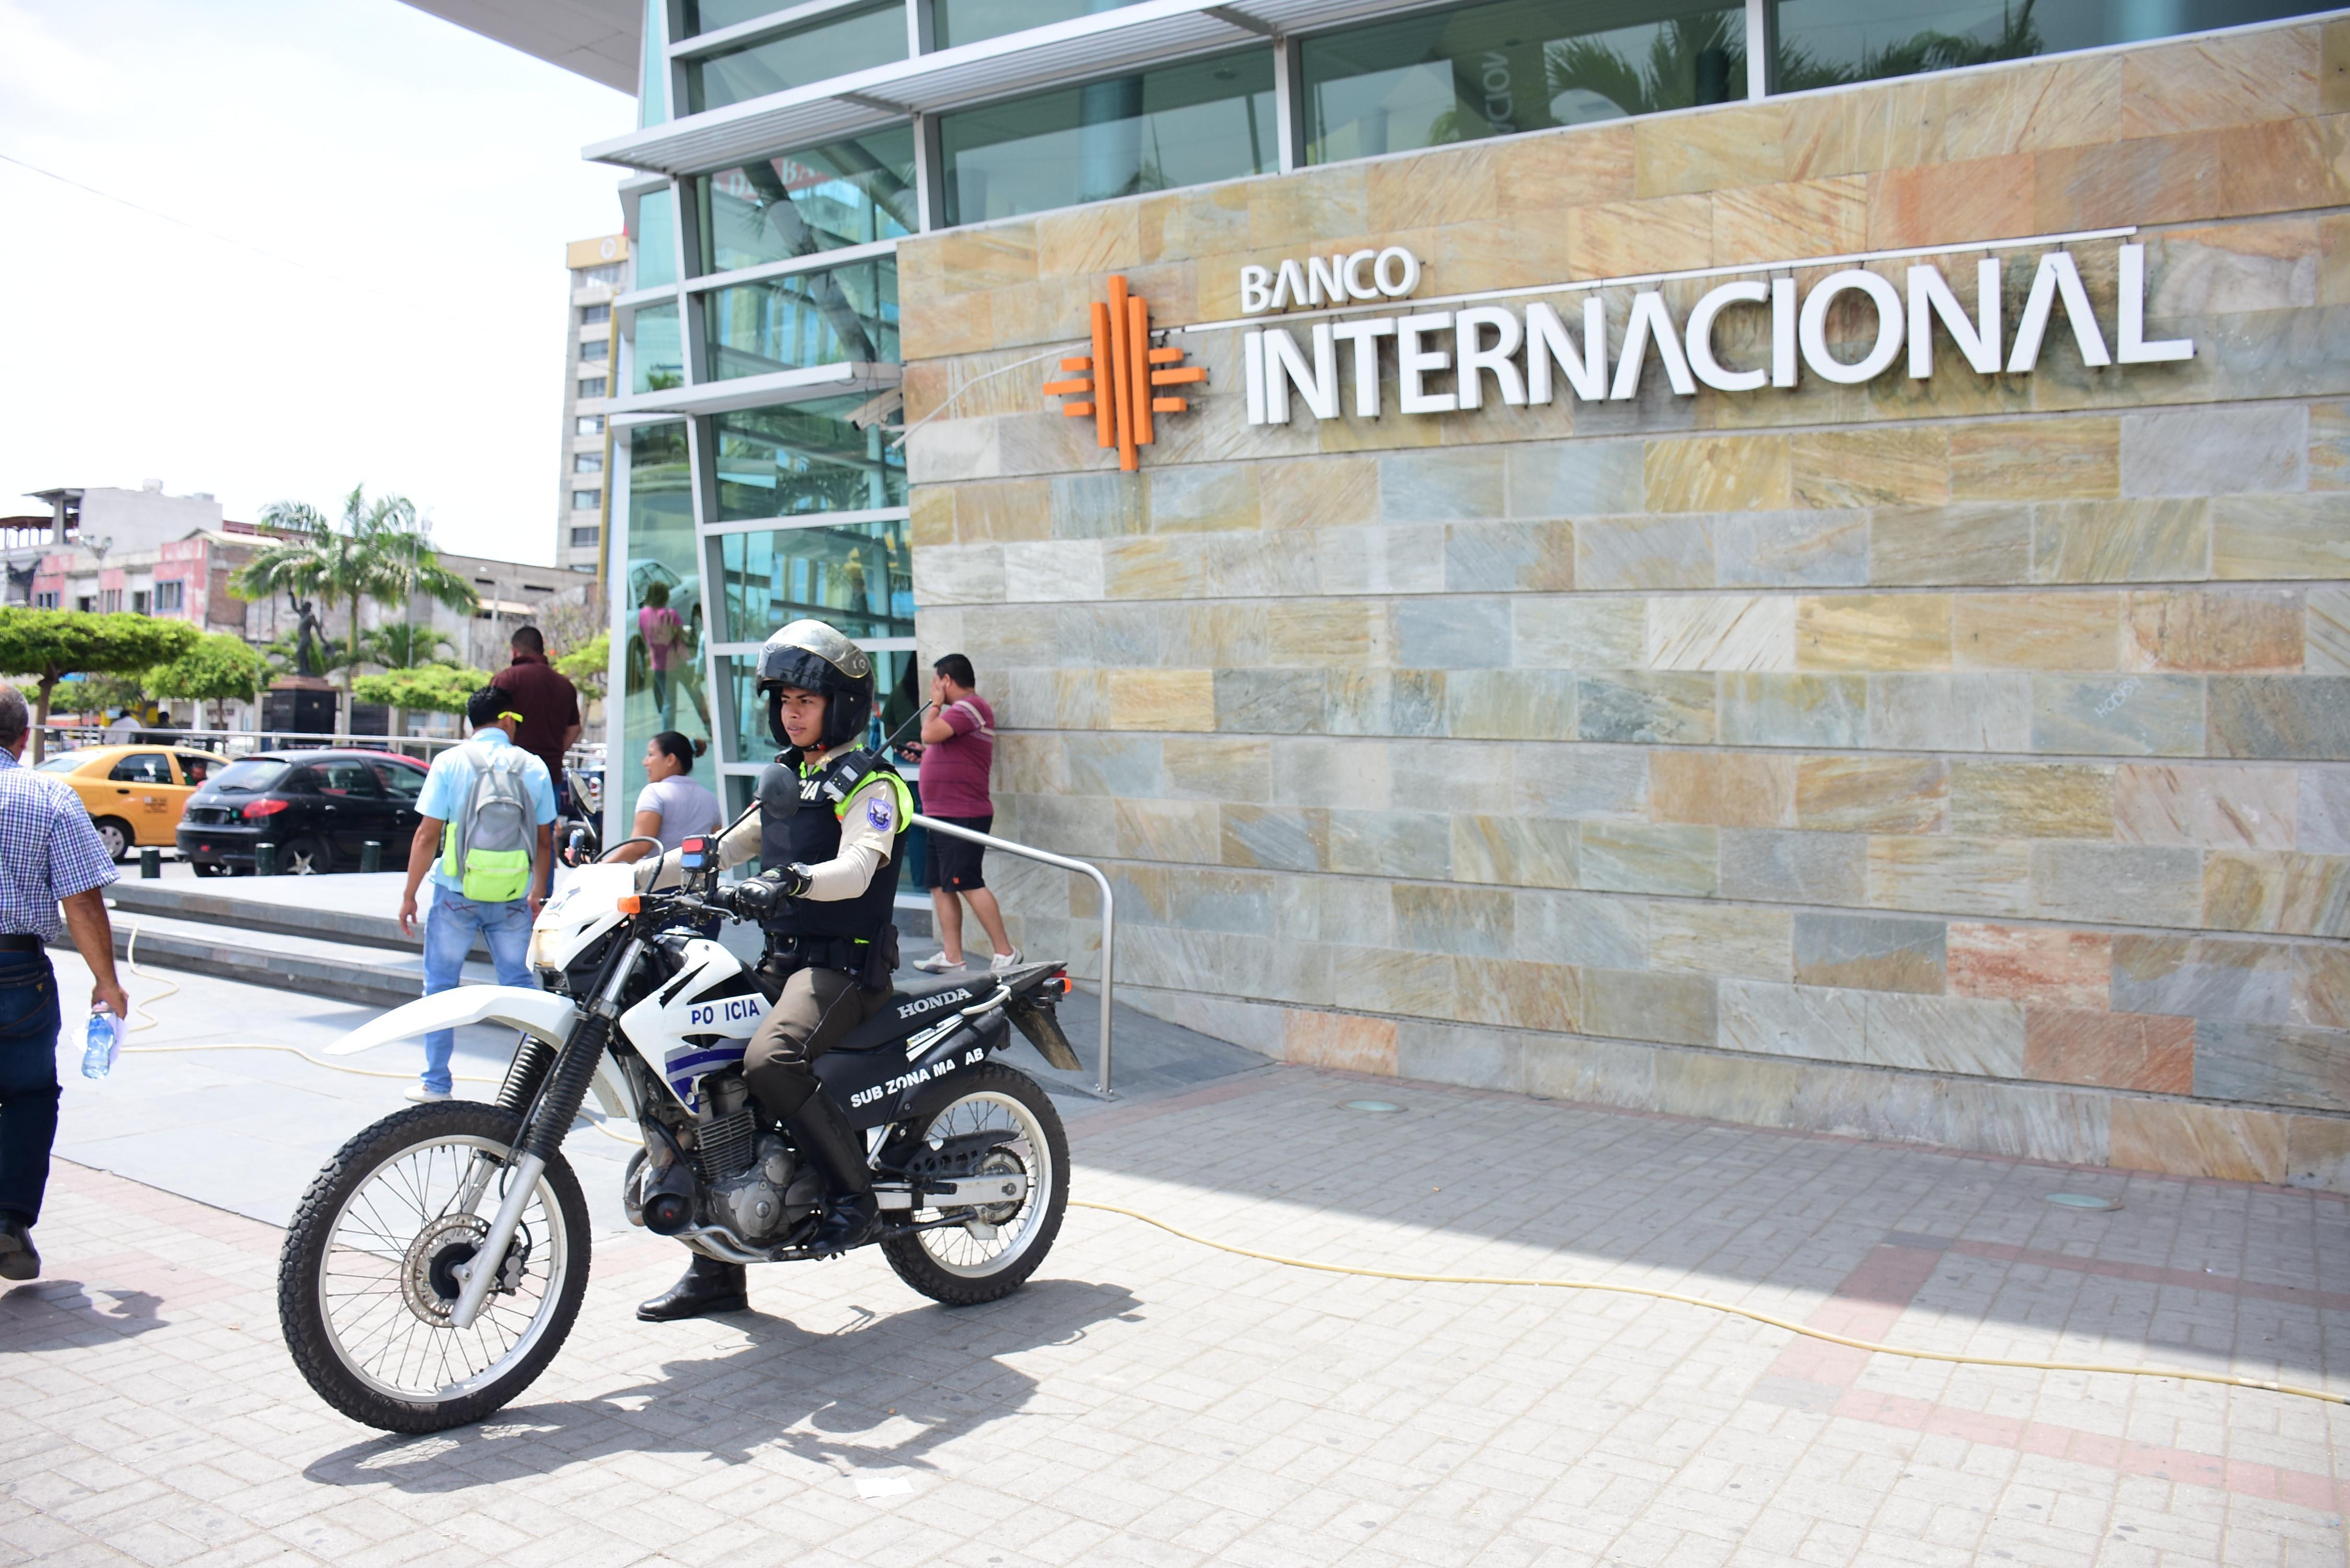 Más operativos en las zonas bancarias de Manta